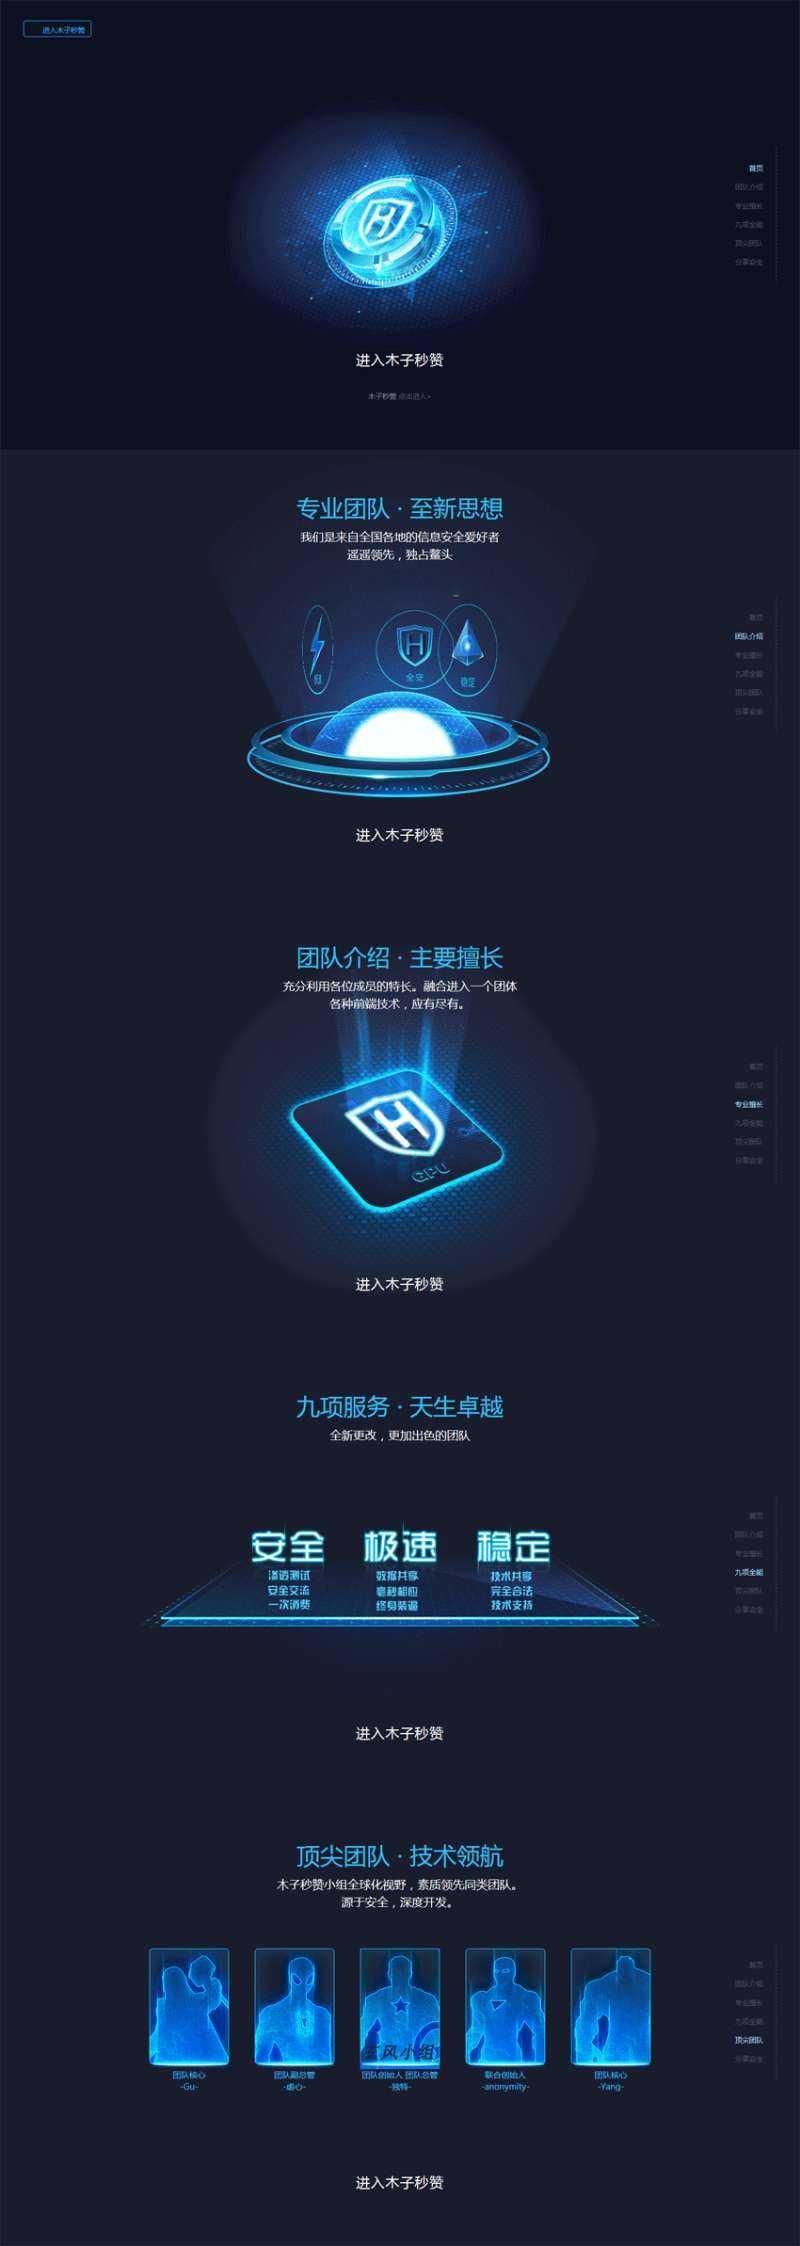 酷炫html5木子秒赞网络安全宣传专题模板